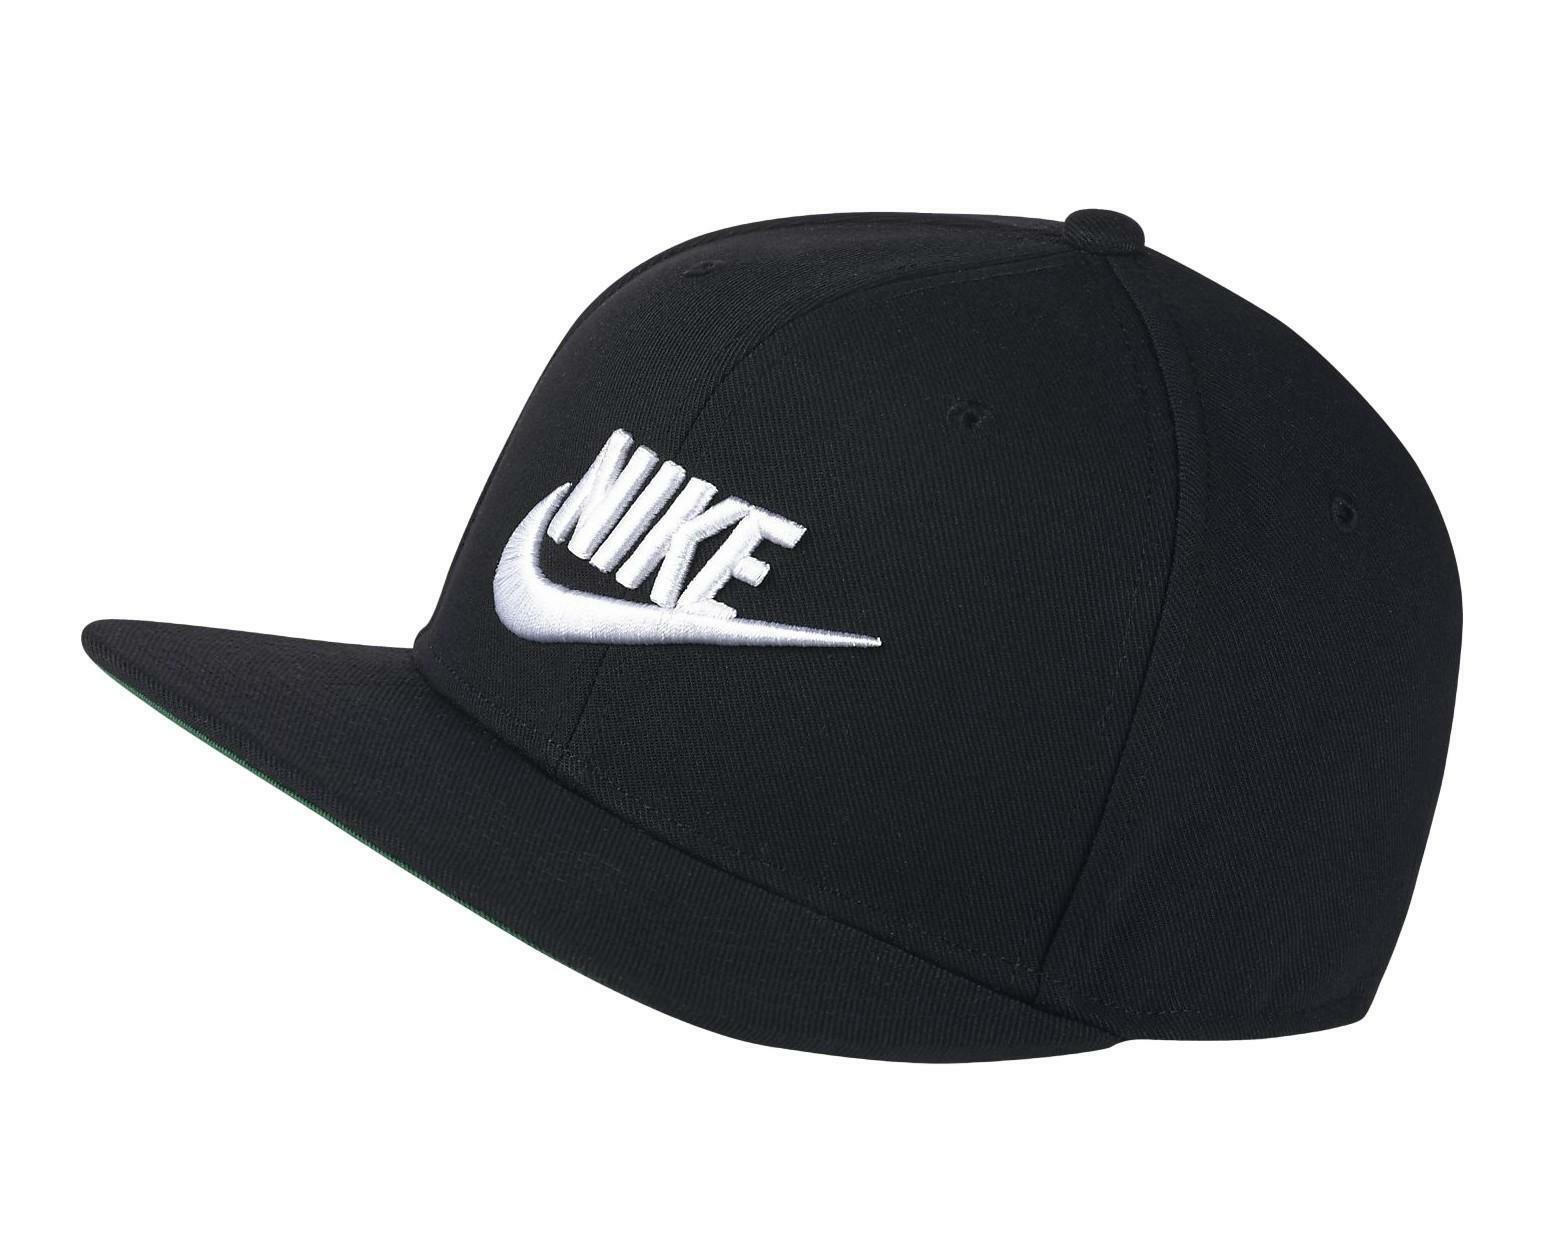 negozio più venduto qualità superiore prese di fabbrica Nike sportswear pro cappello nero